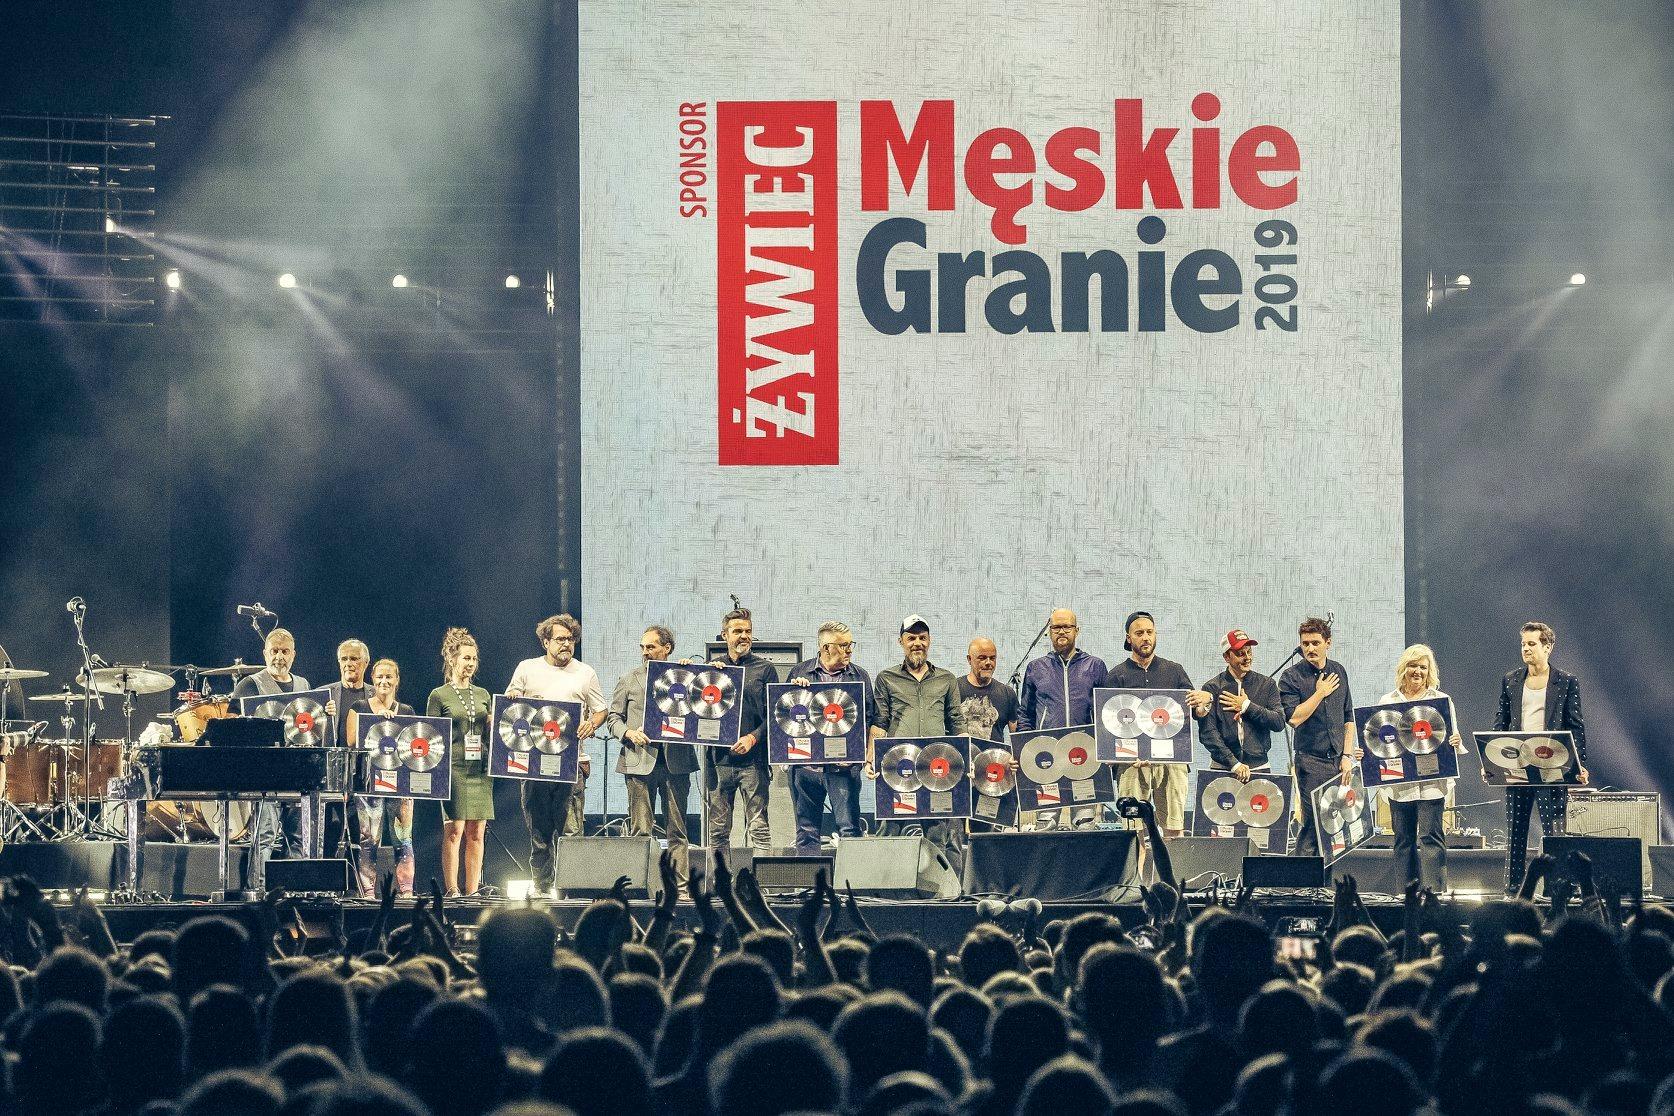 Okiestra Orkiestr Męskie Granie